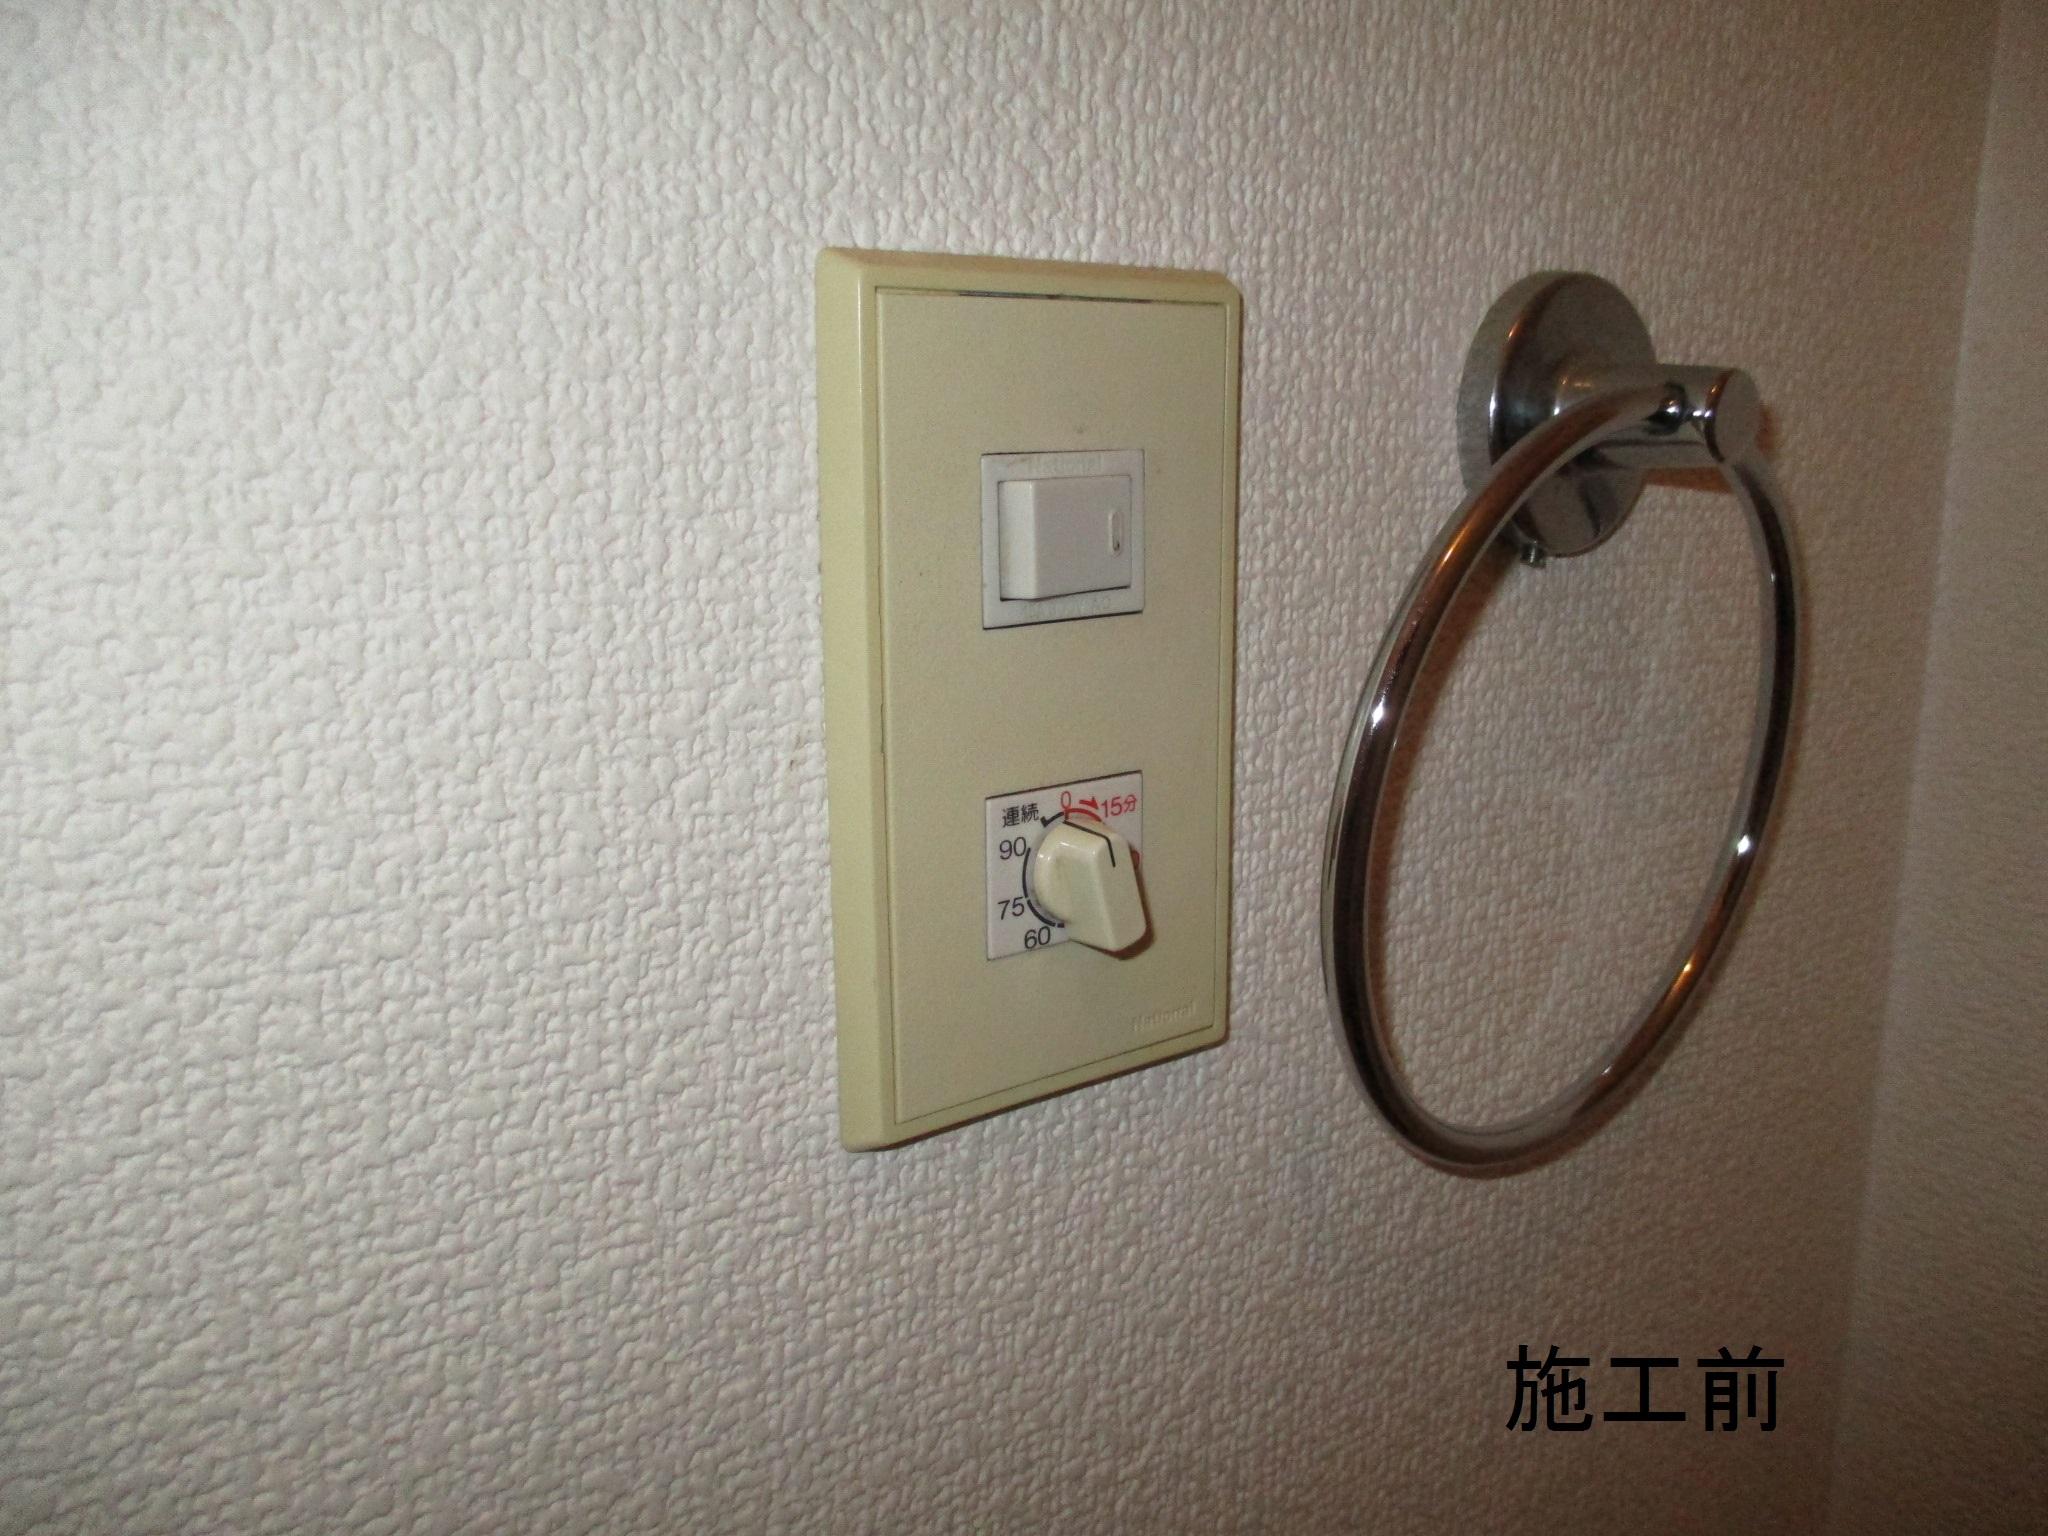 宝塚市 浴室壁付け換気扇取替工事イメージ05